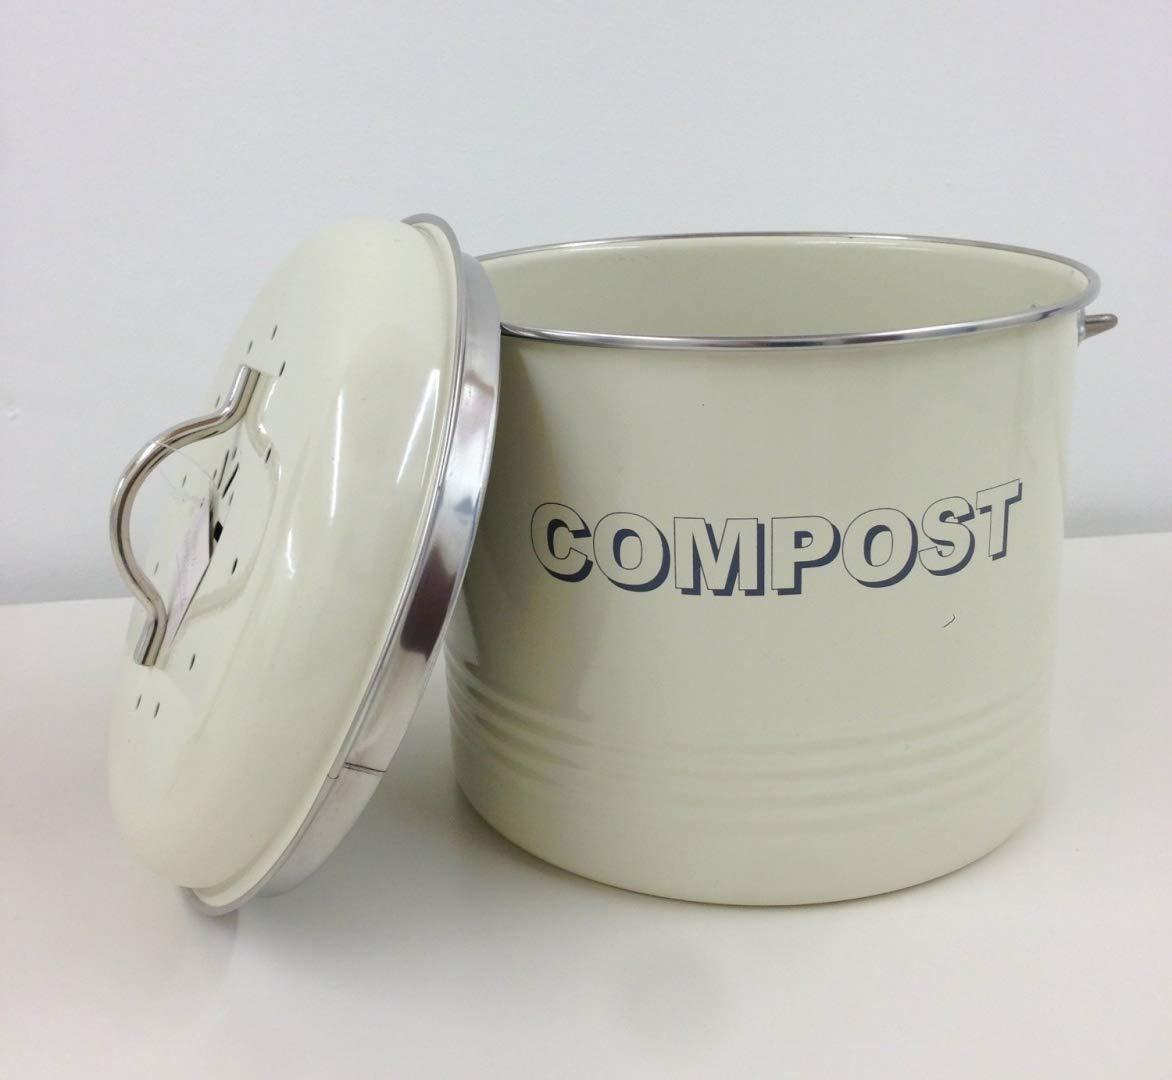 Lesser & Pavey Küchenabfalleimer für Kompost, aus Metall, im Retro- / Vintage-Stil, mit Filter, cremefarben, 19 LP22225